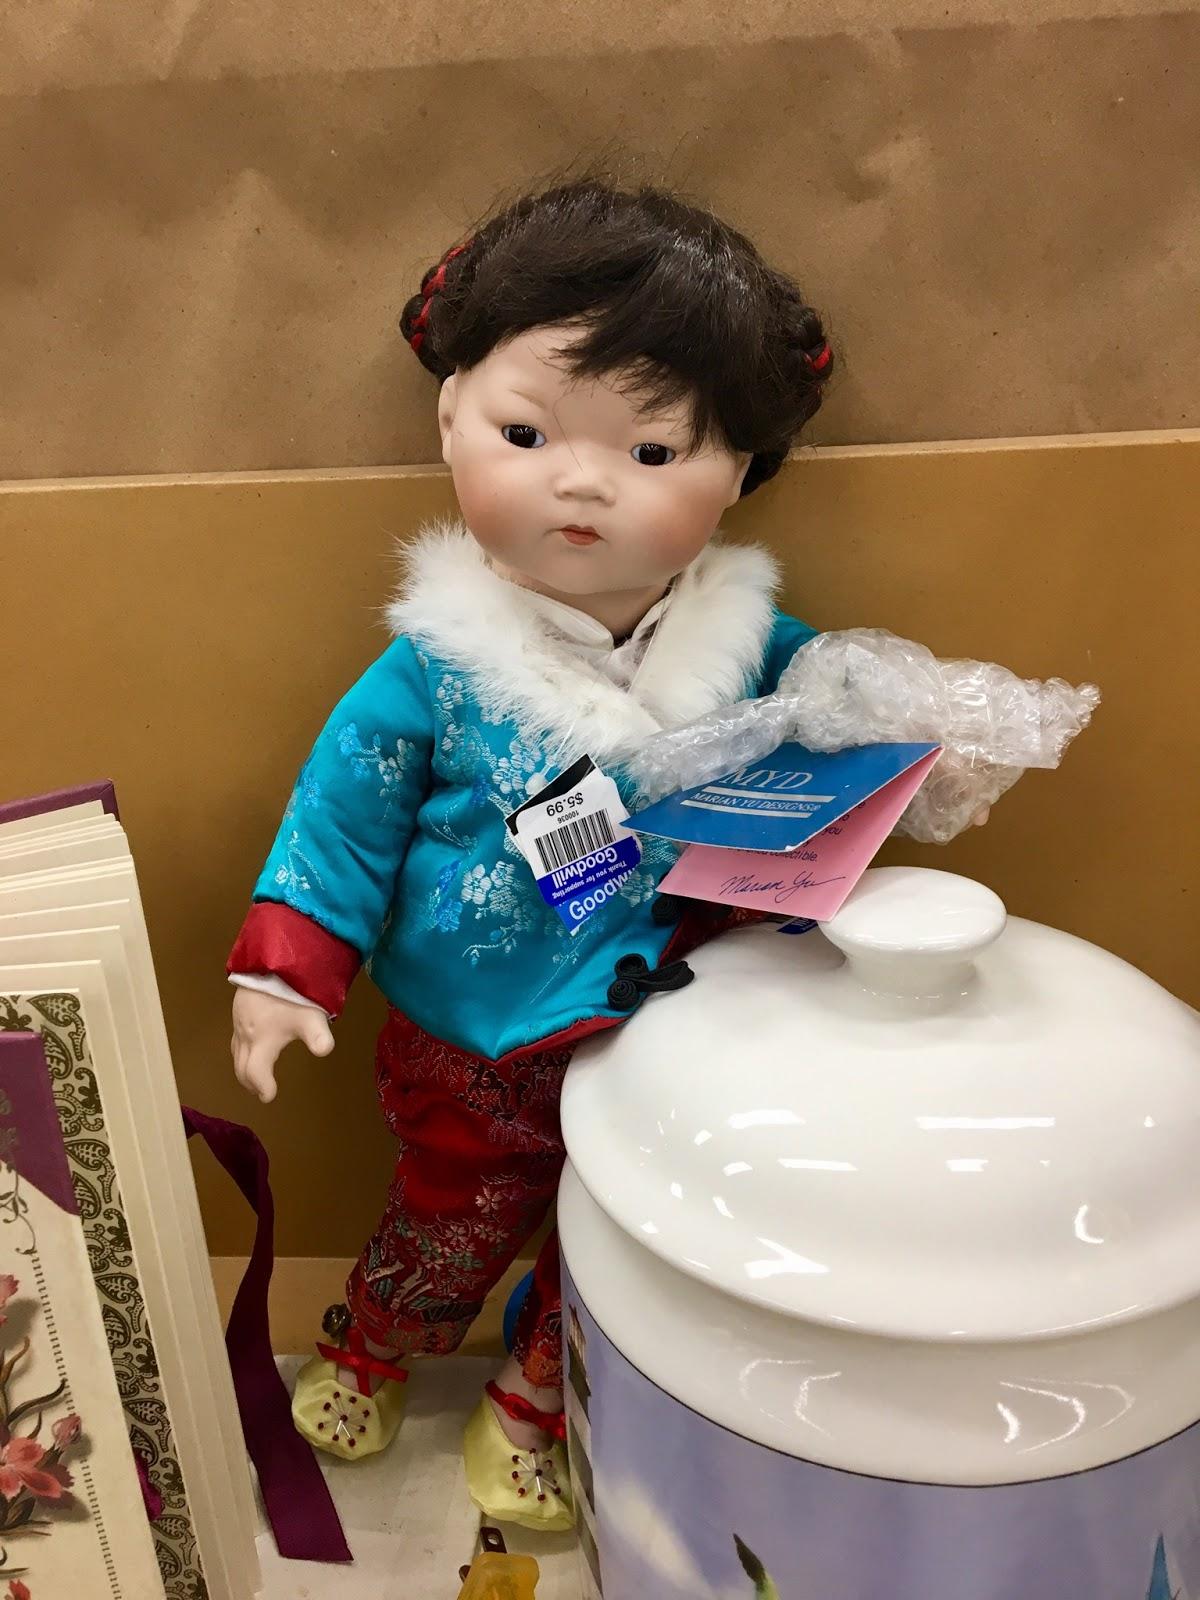 pennilesscaucasianrubbish american doll adventures recent thrift